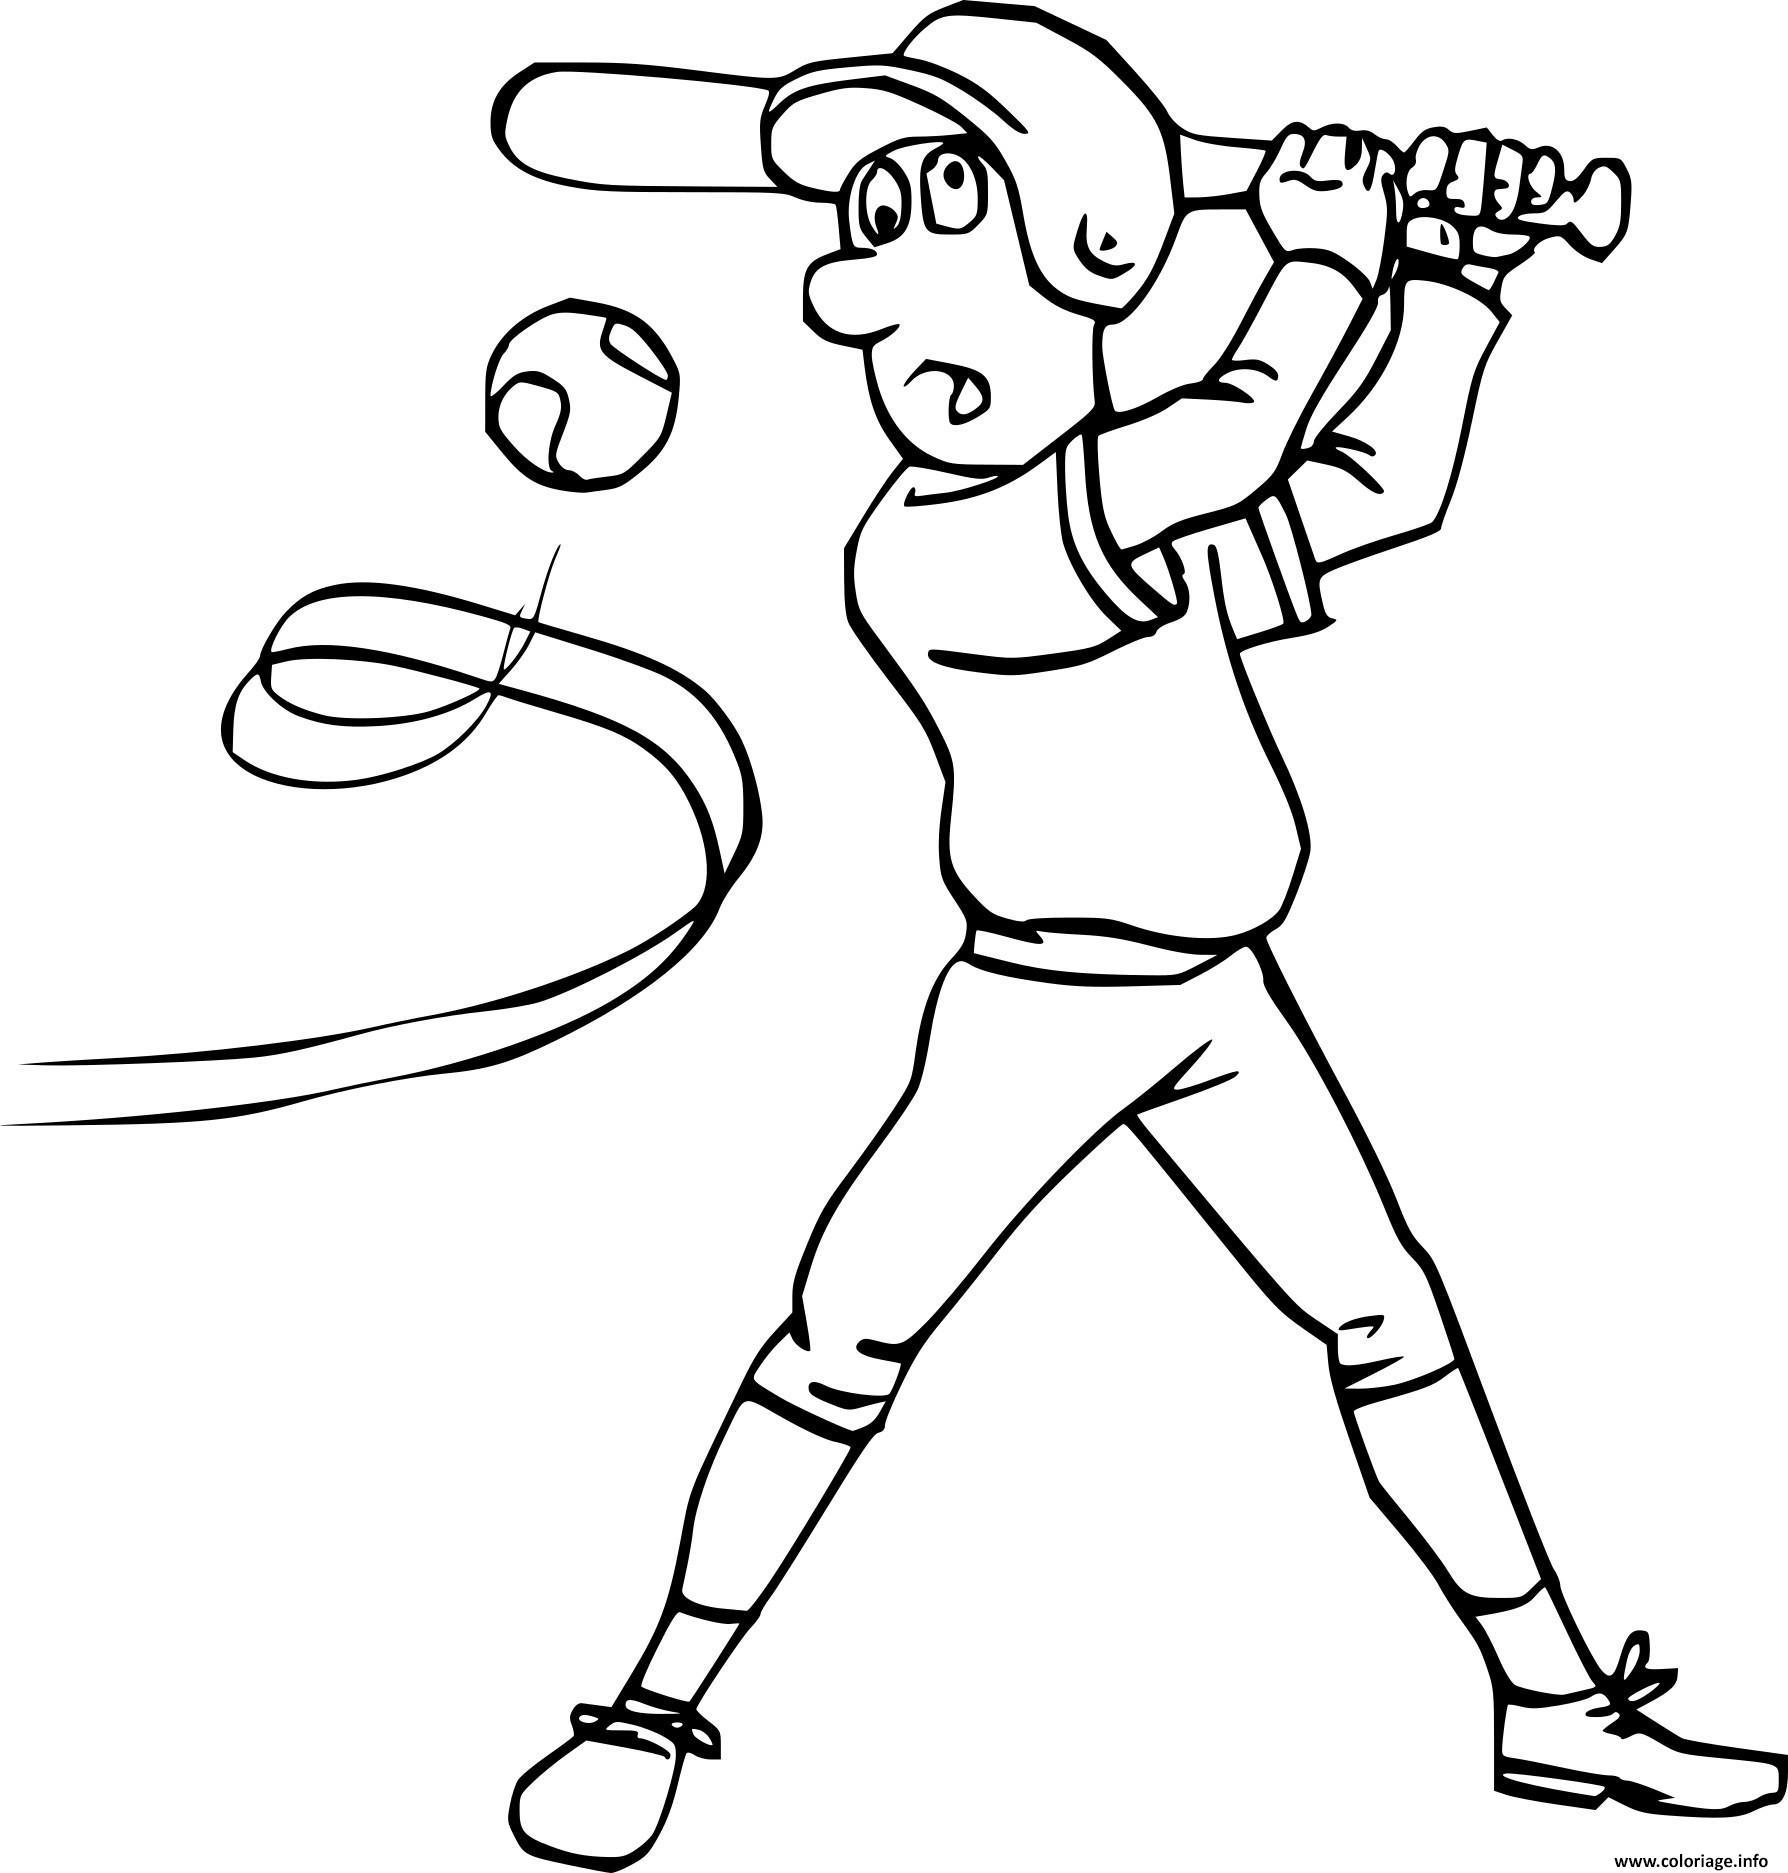 Dessin sport baseball Coloriage Gratuit à Imprimer